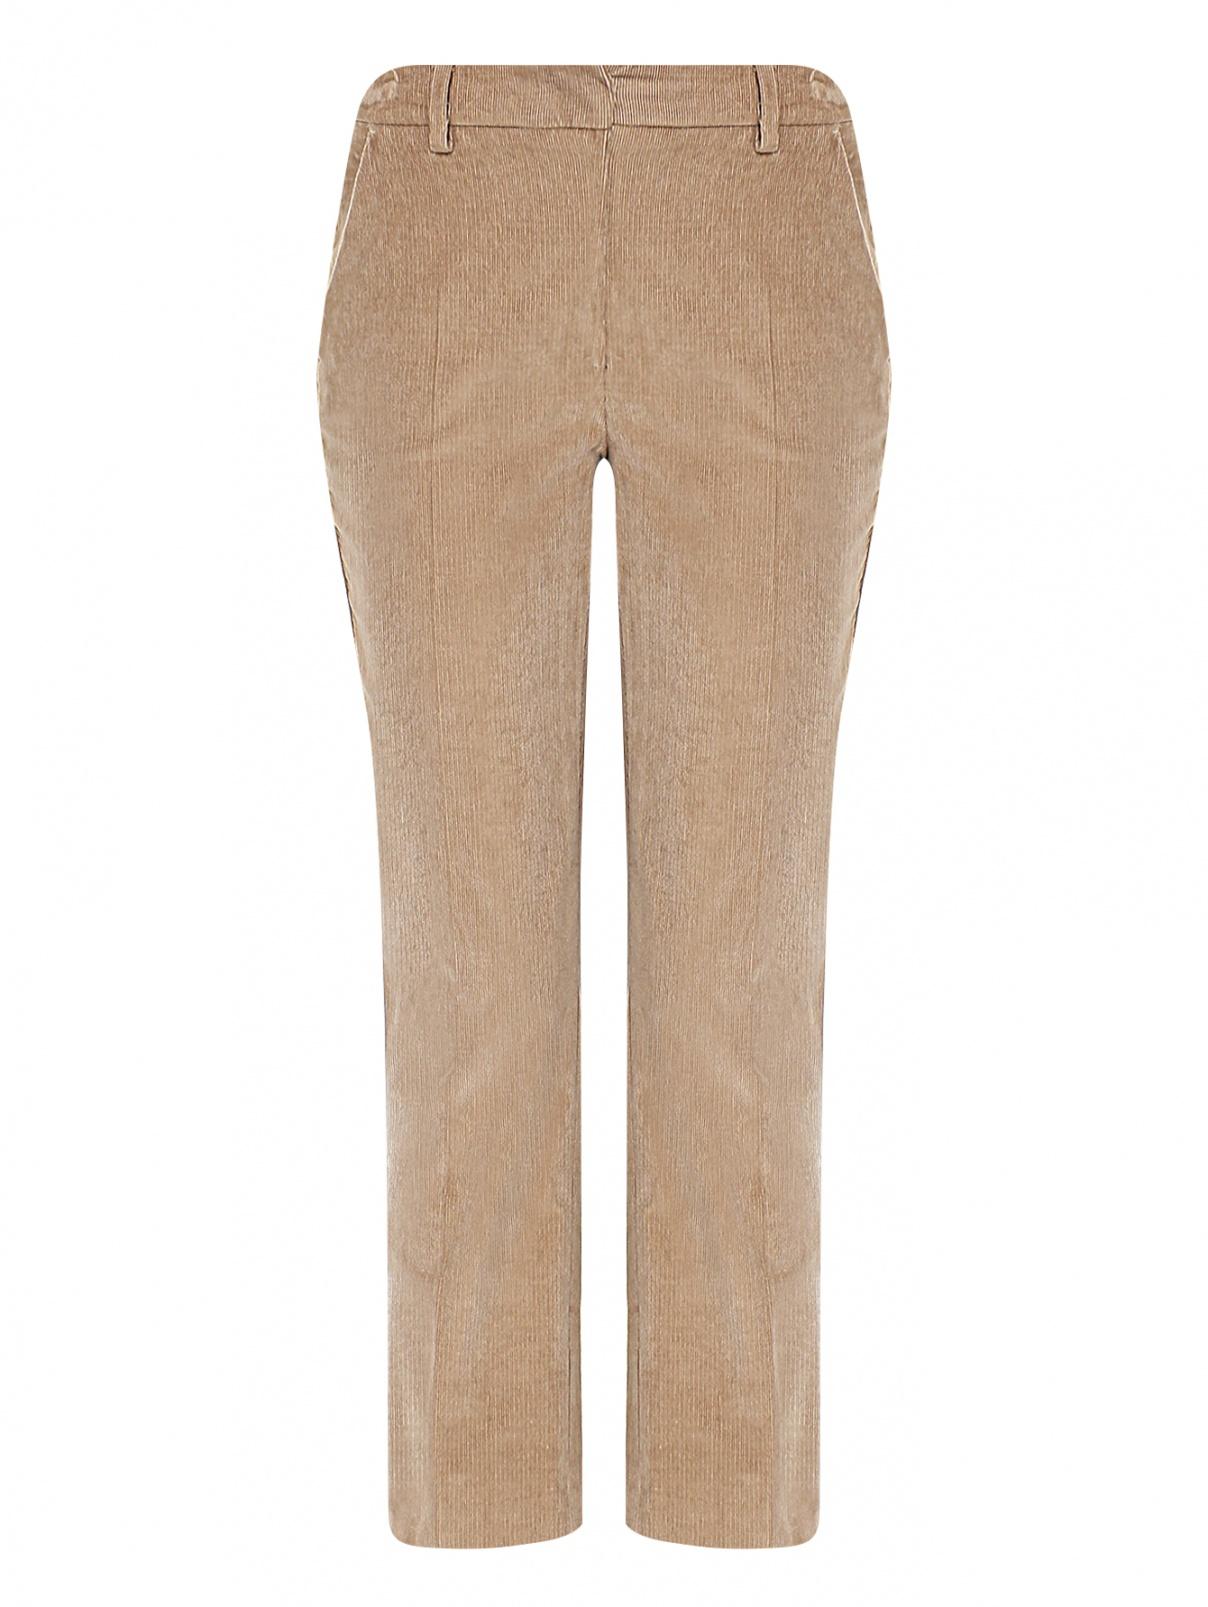 Вельветовые брюки из хлопка с карманами Weekend Max Mara  –  Общий вид  – Цвет:  Бежевый